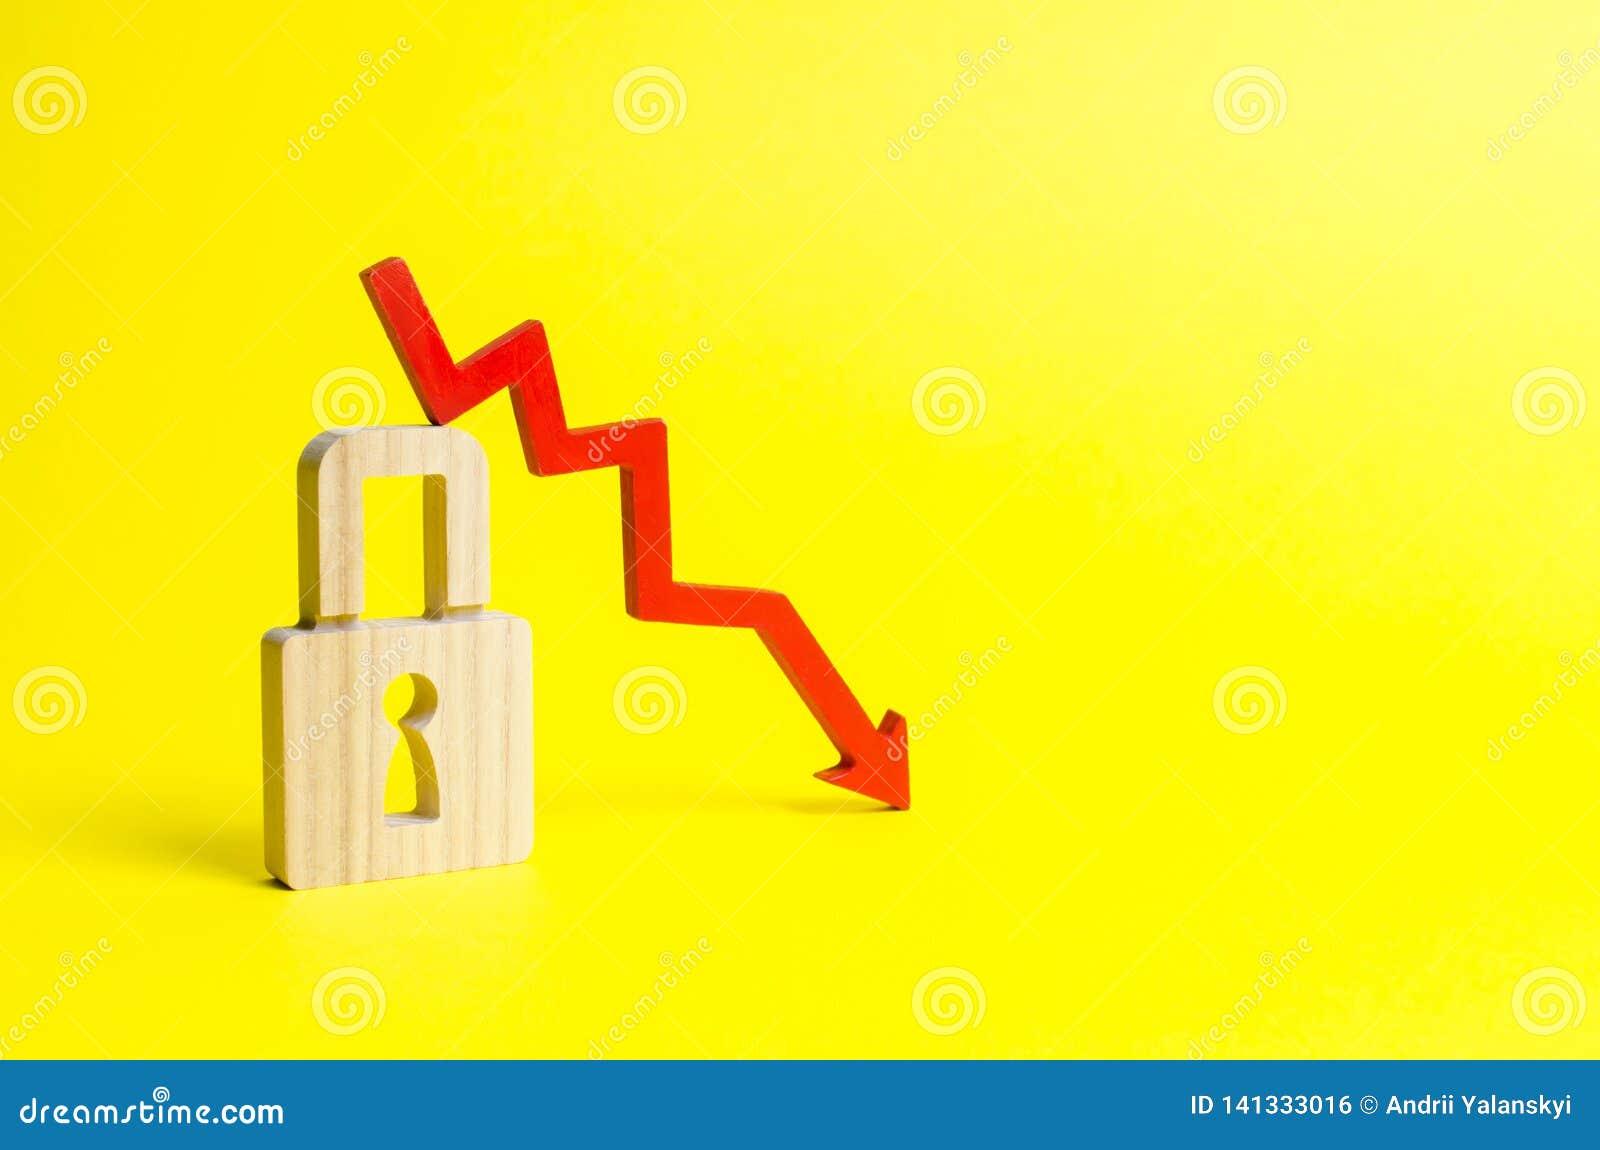 Czerwony strzała puszek, kłódka na żółtym tle i Konceptualny spadek w ilości i poziomie ochrona i konserwacja ryzyko